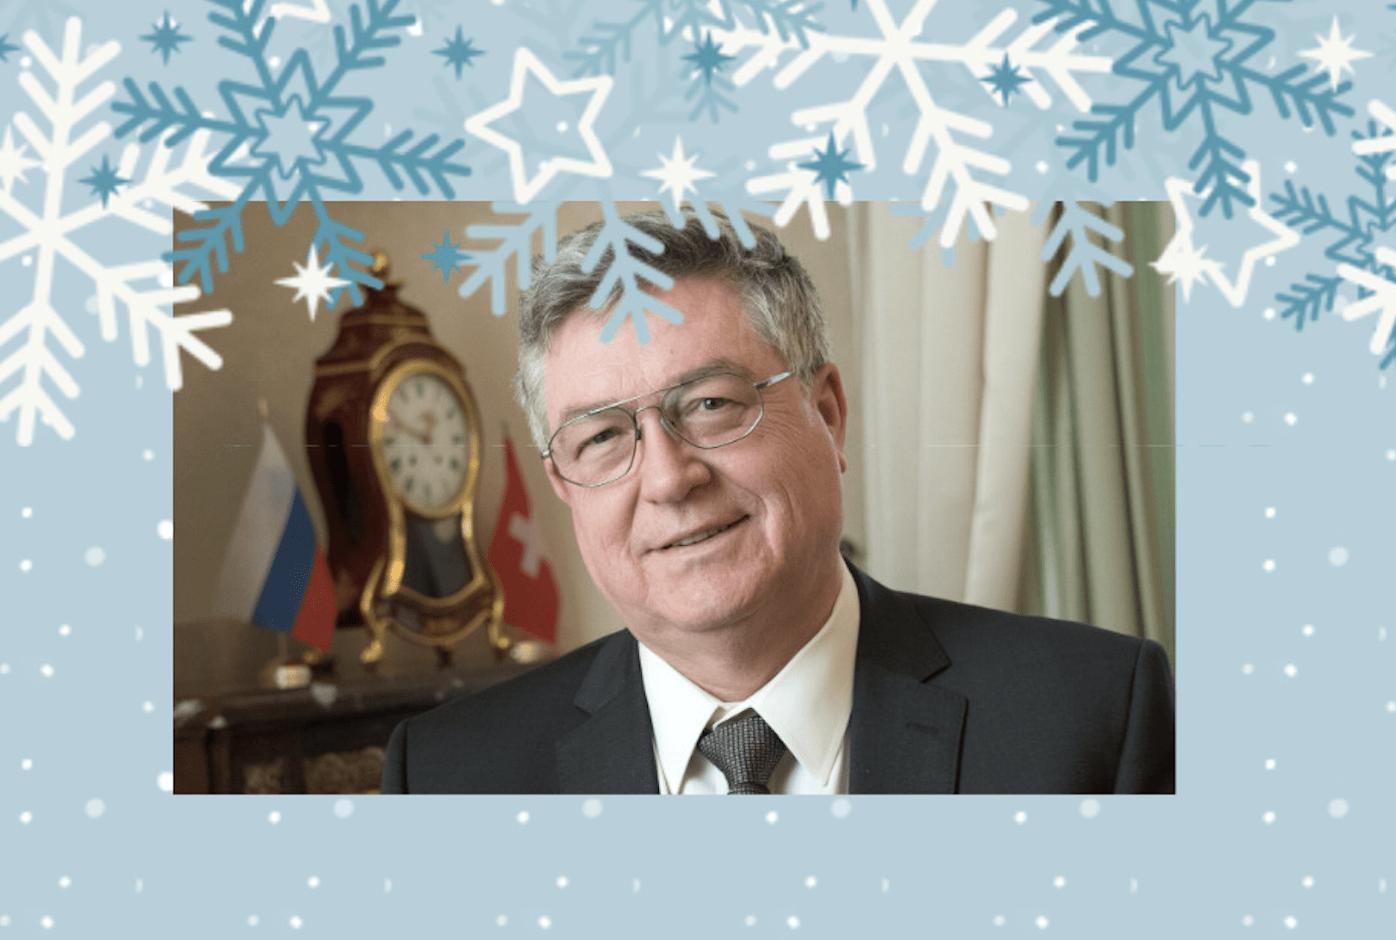 Новогоднее поздравление Посла России в Швейцарской Конфедерации Сергея Викторовича Гармонина